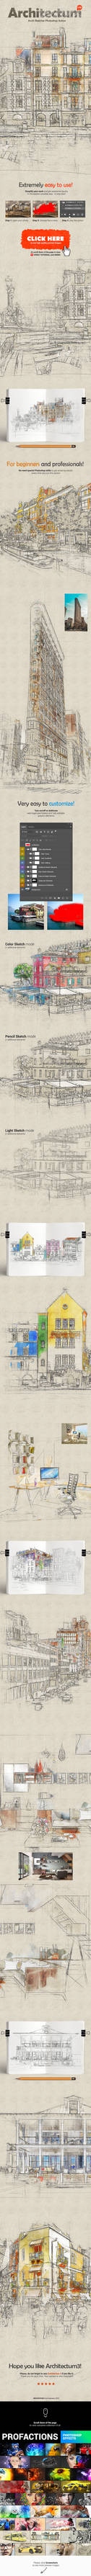 Architectum 3 - Archi Sketcher Photoshop Action